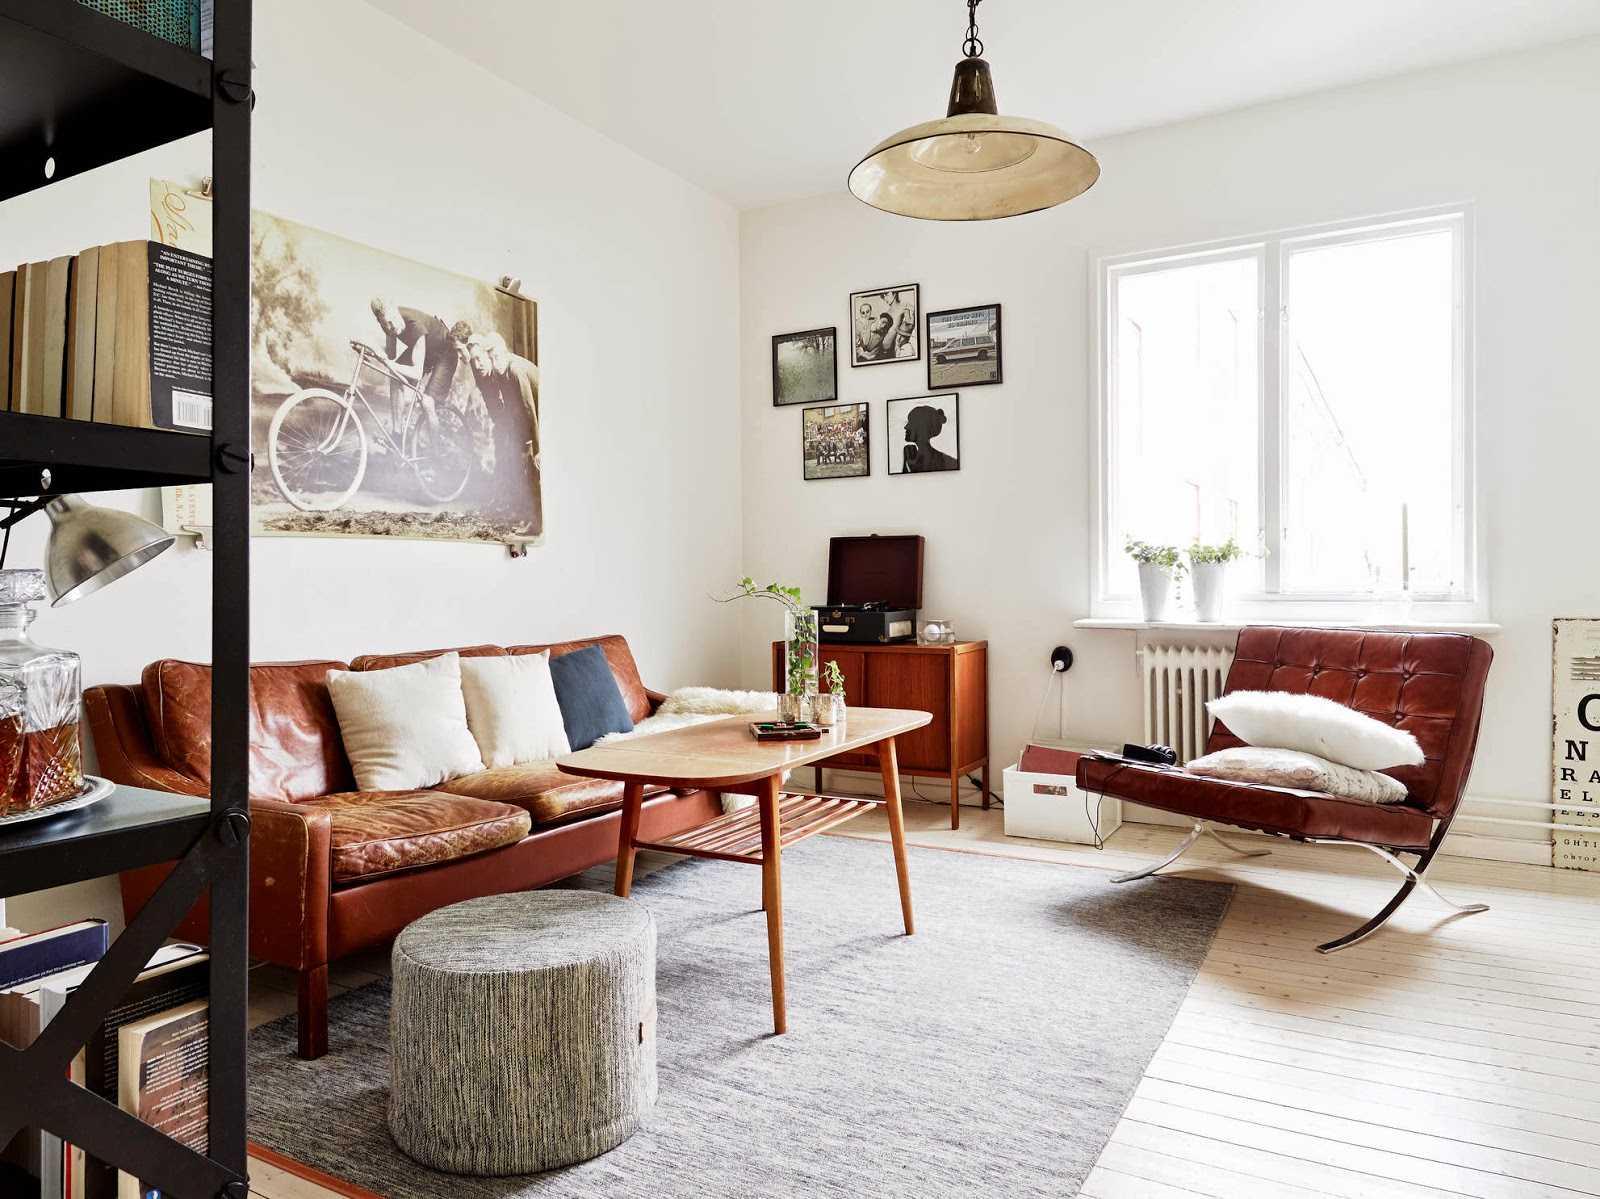 Однокомнатная квартира в скандинавском стиле с кожаной мебелью